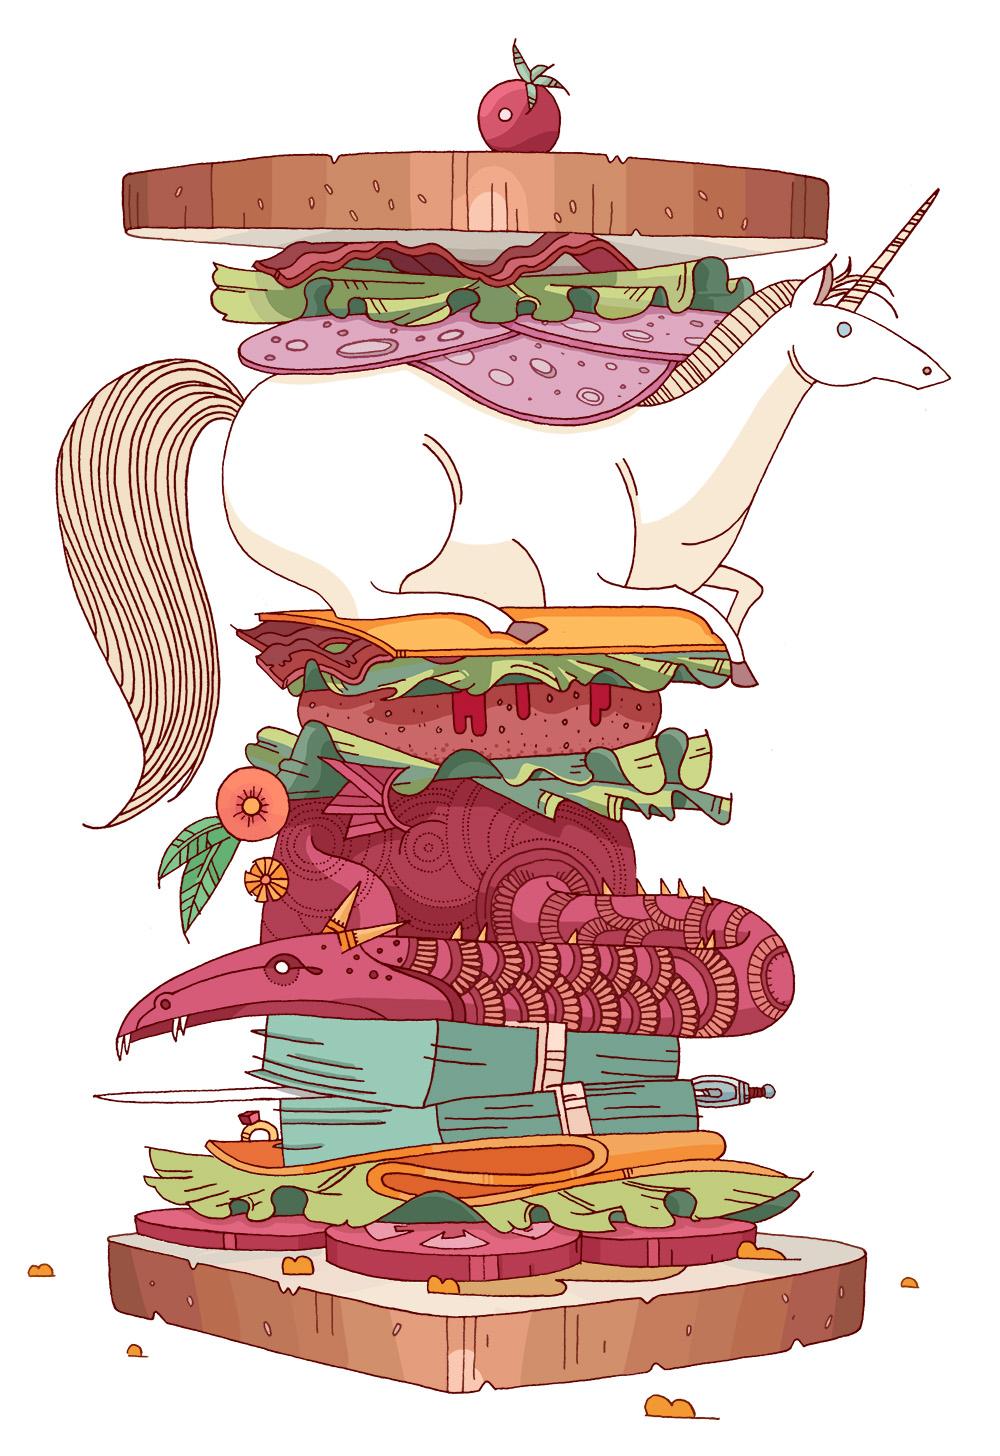 Diverse Sandwich - HM104